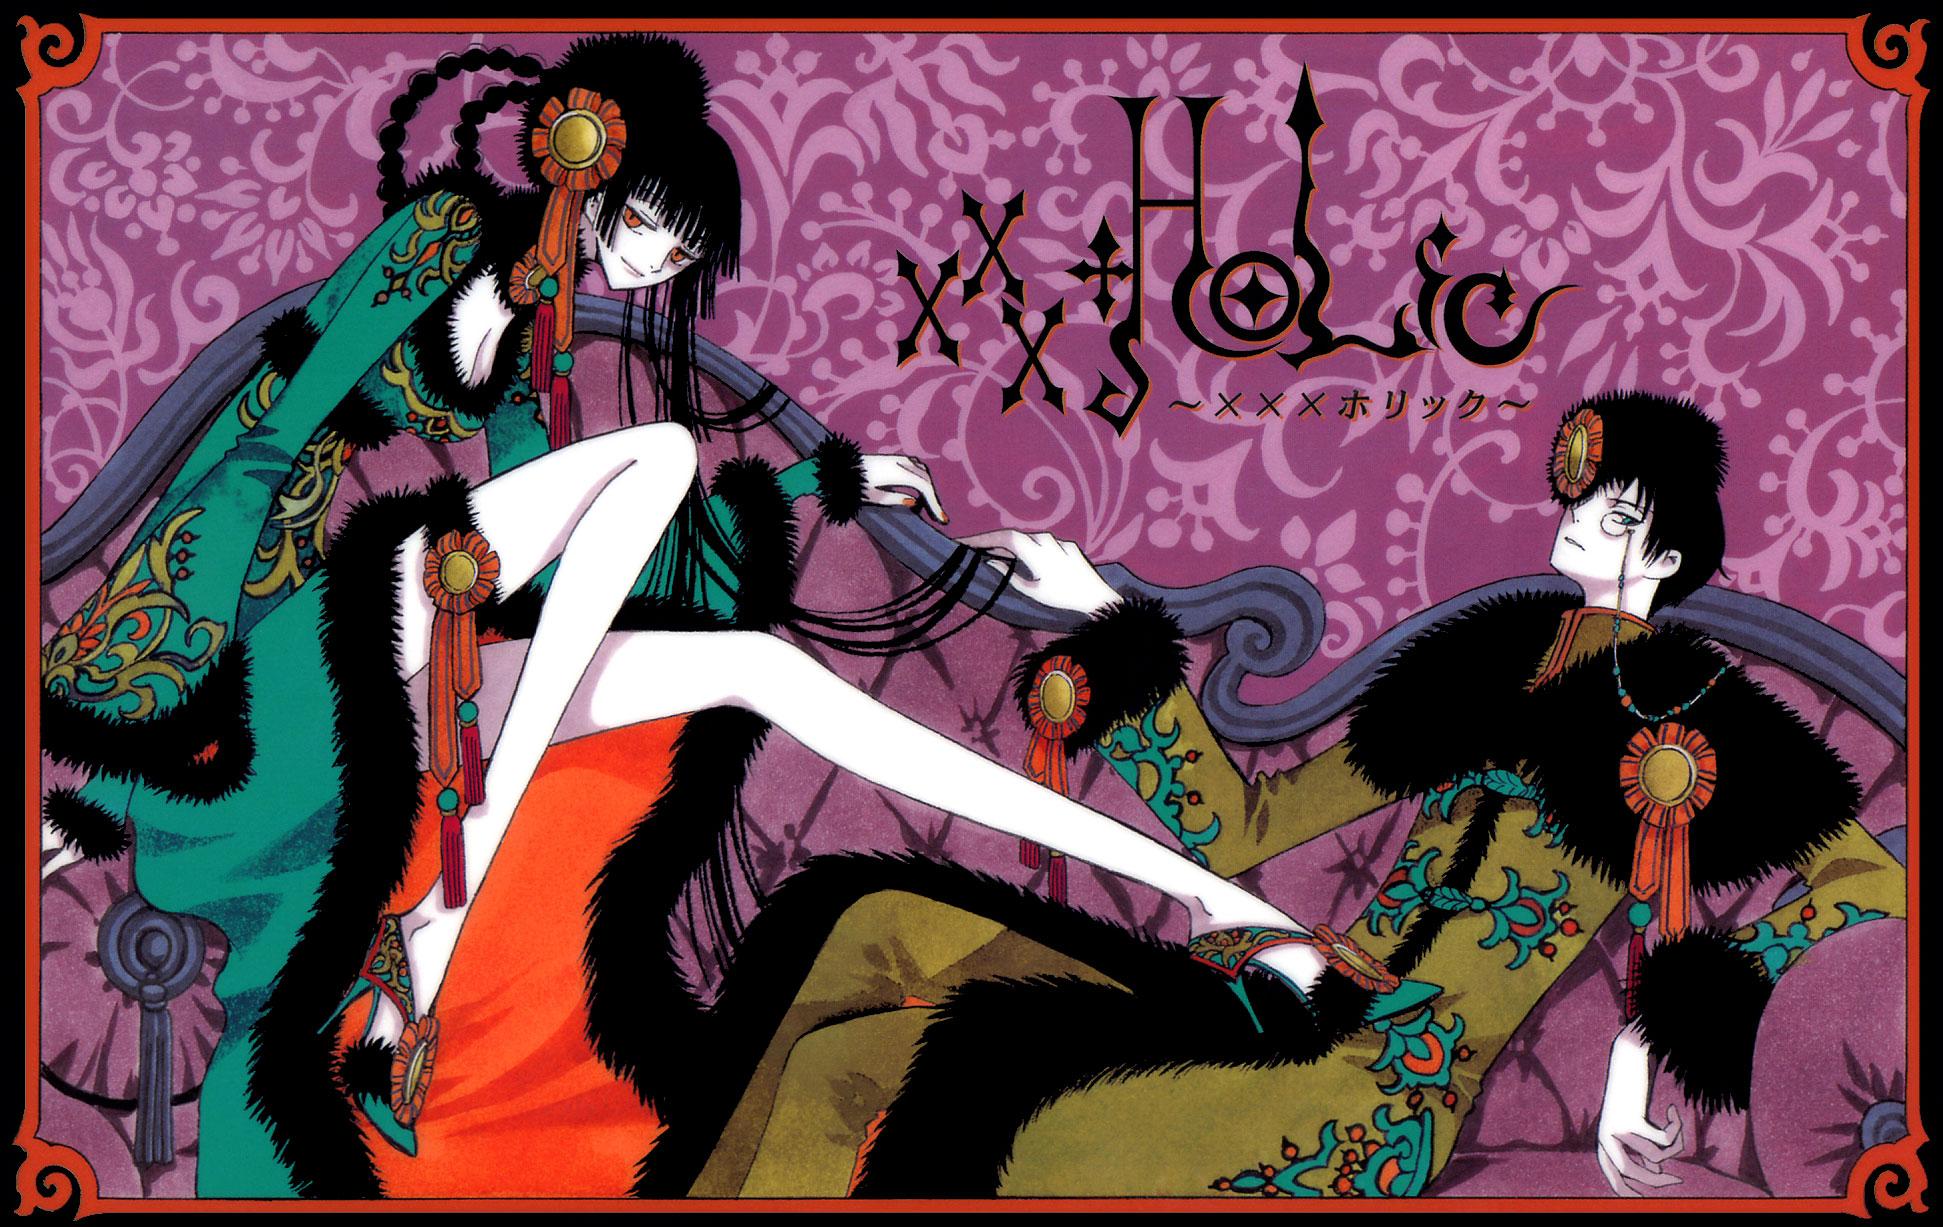 [Campaña de liberación]  Encuentro de mariposas negras [Mimiko-Yuuko] XxxHOLiC.full.349559